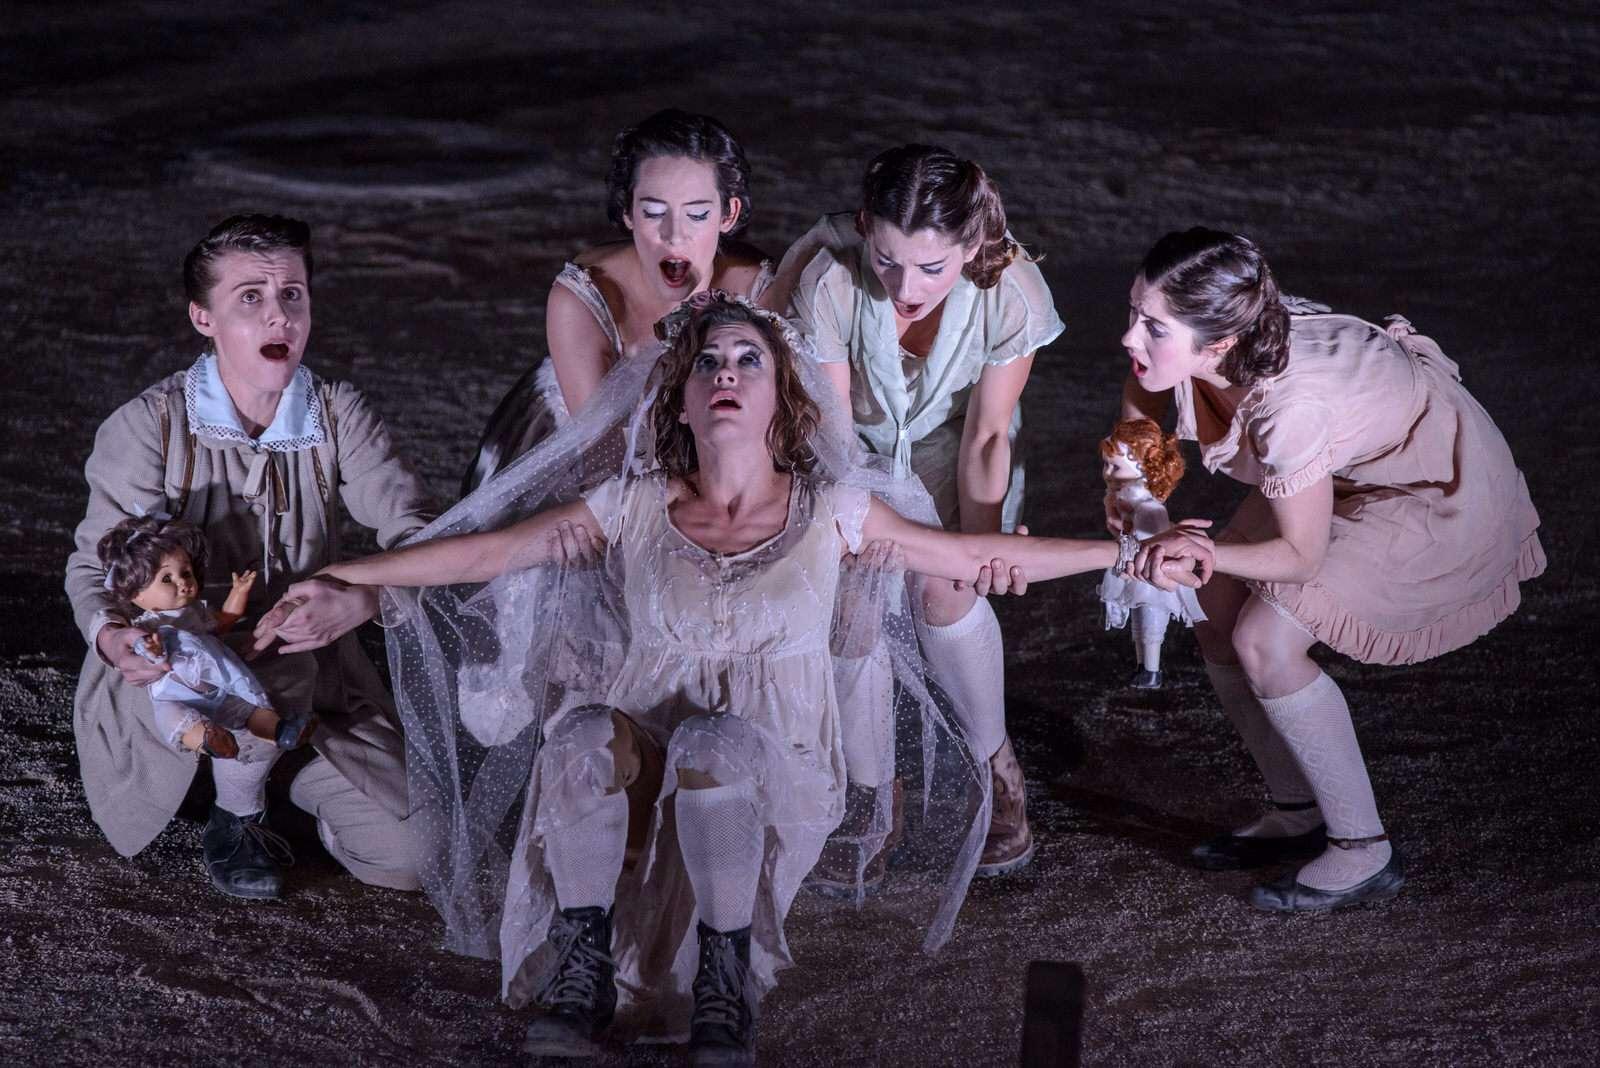 Αντιγόνη του Σοφοκλή. Συμπαραγωγή του Εθνικού Θεάτρου με το Κρατικό Θέατρο Βορείου Ελλάδας και τον Θεατρικό Οργανισμό Κύπρου, σε σκηνοθεσία Στάθη Λιβαθινού,